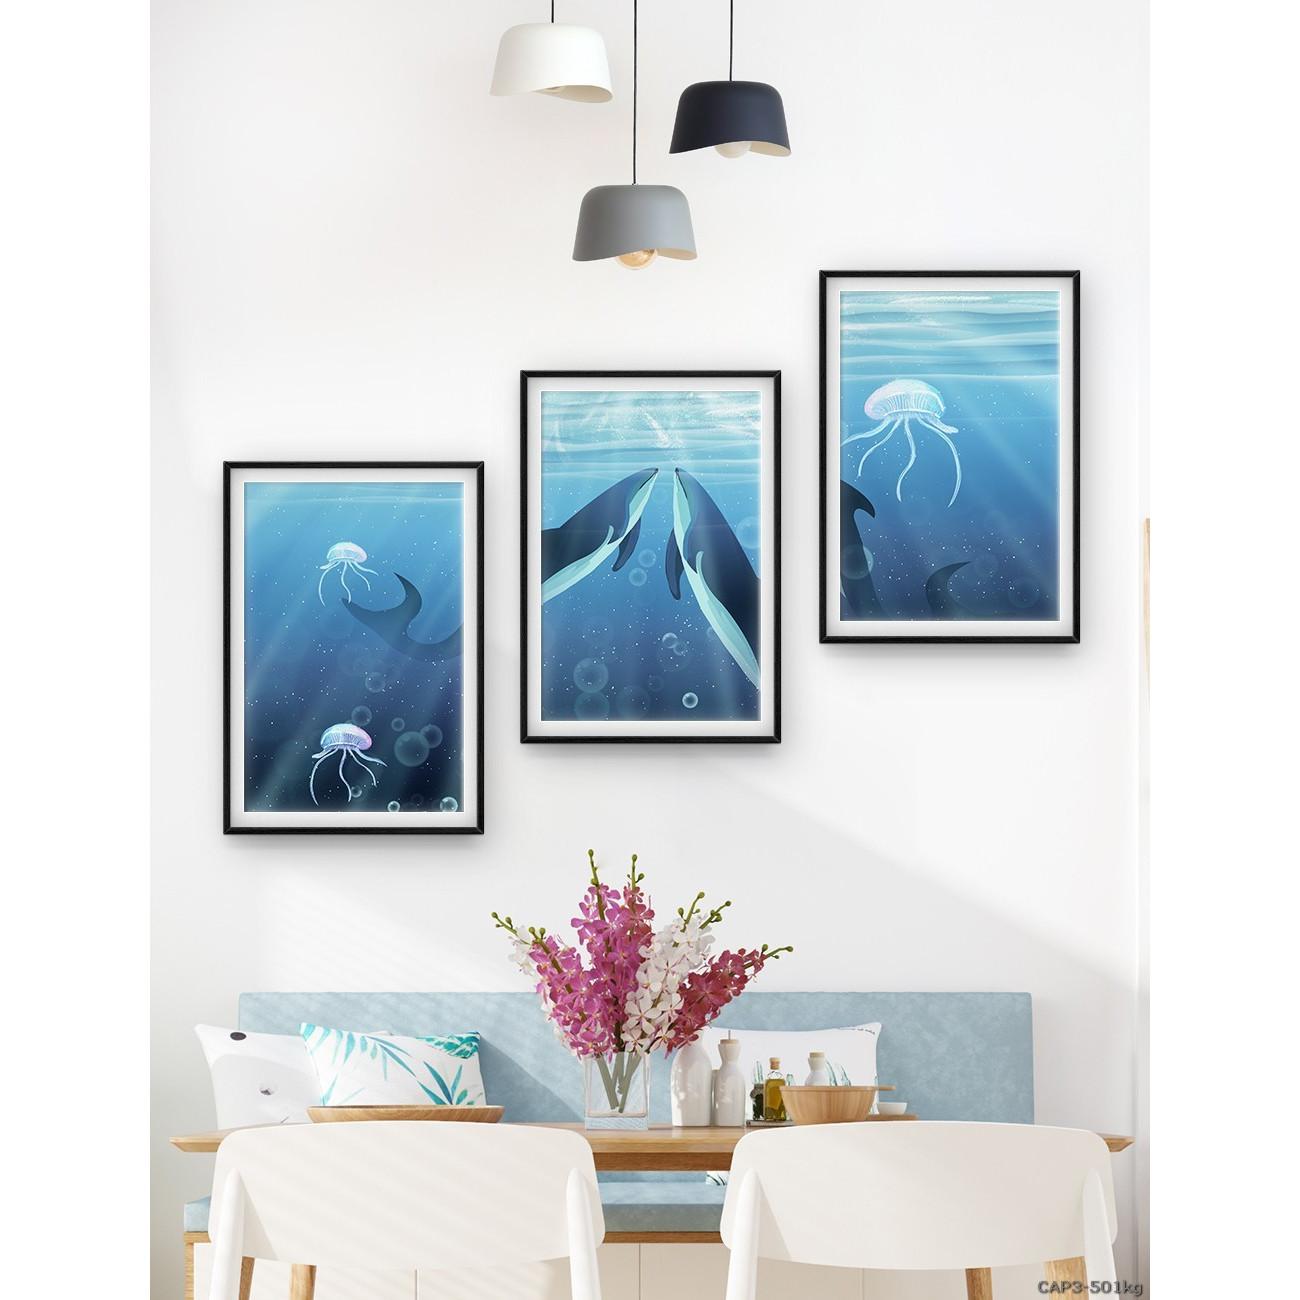 Tranh đóng khung động vật biển xanh- Bộ 3 khung 40*60